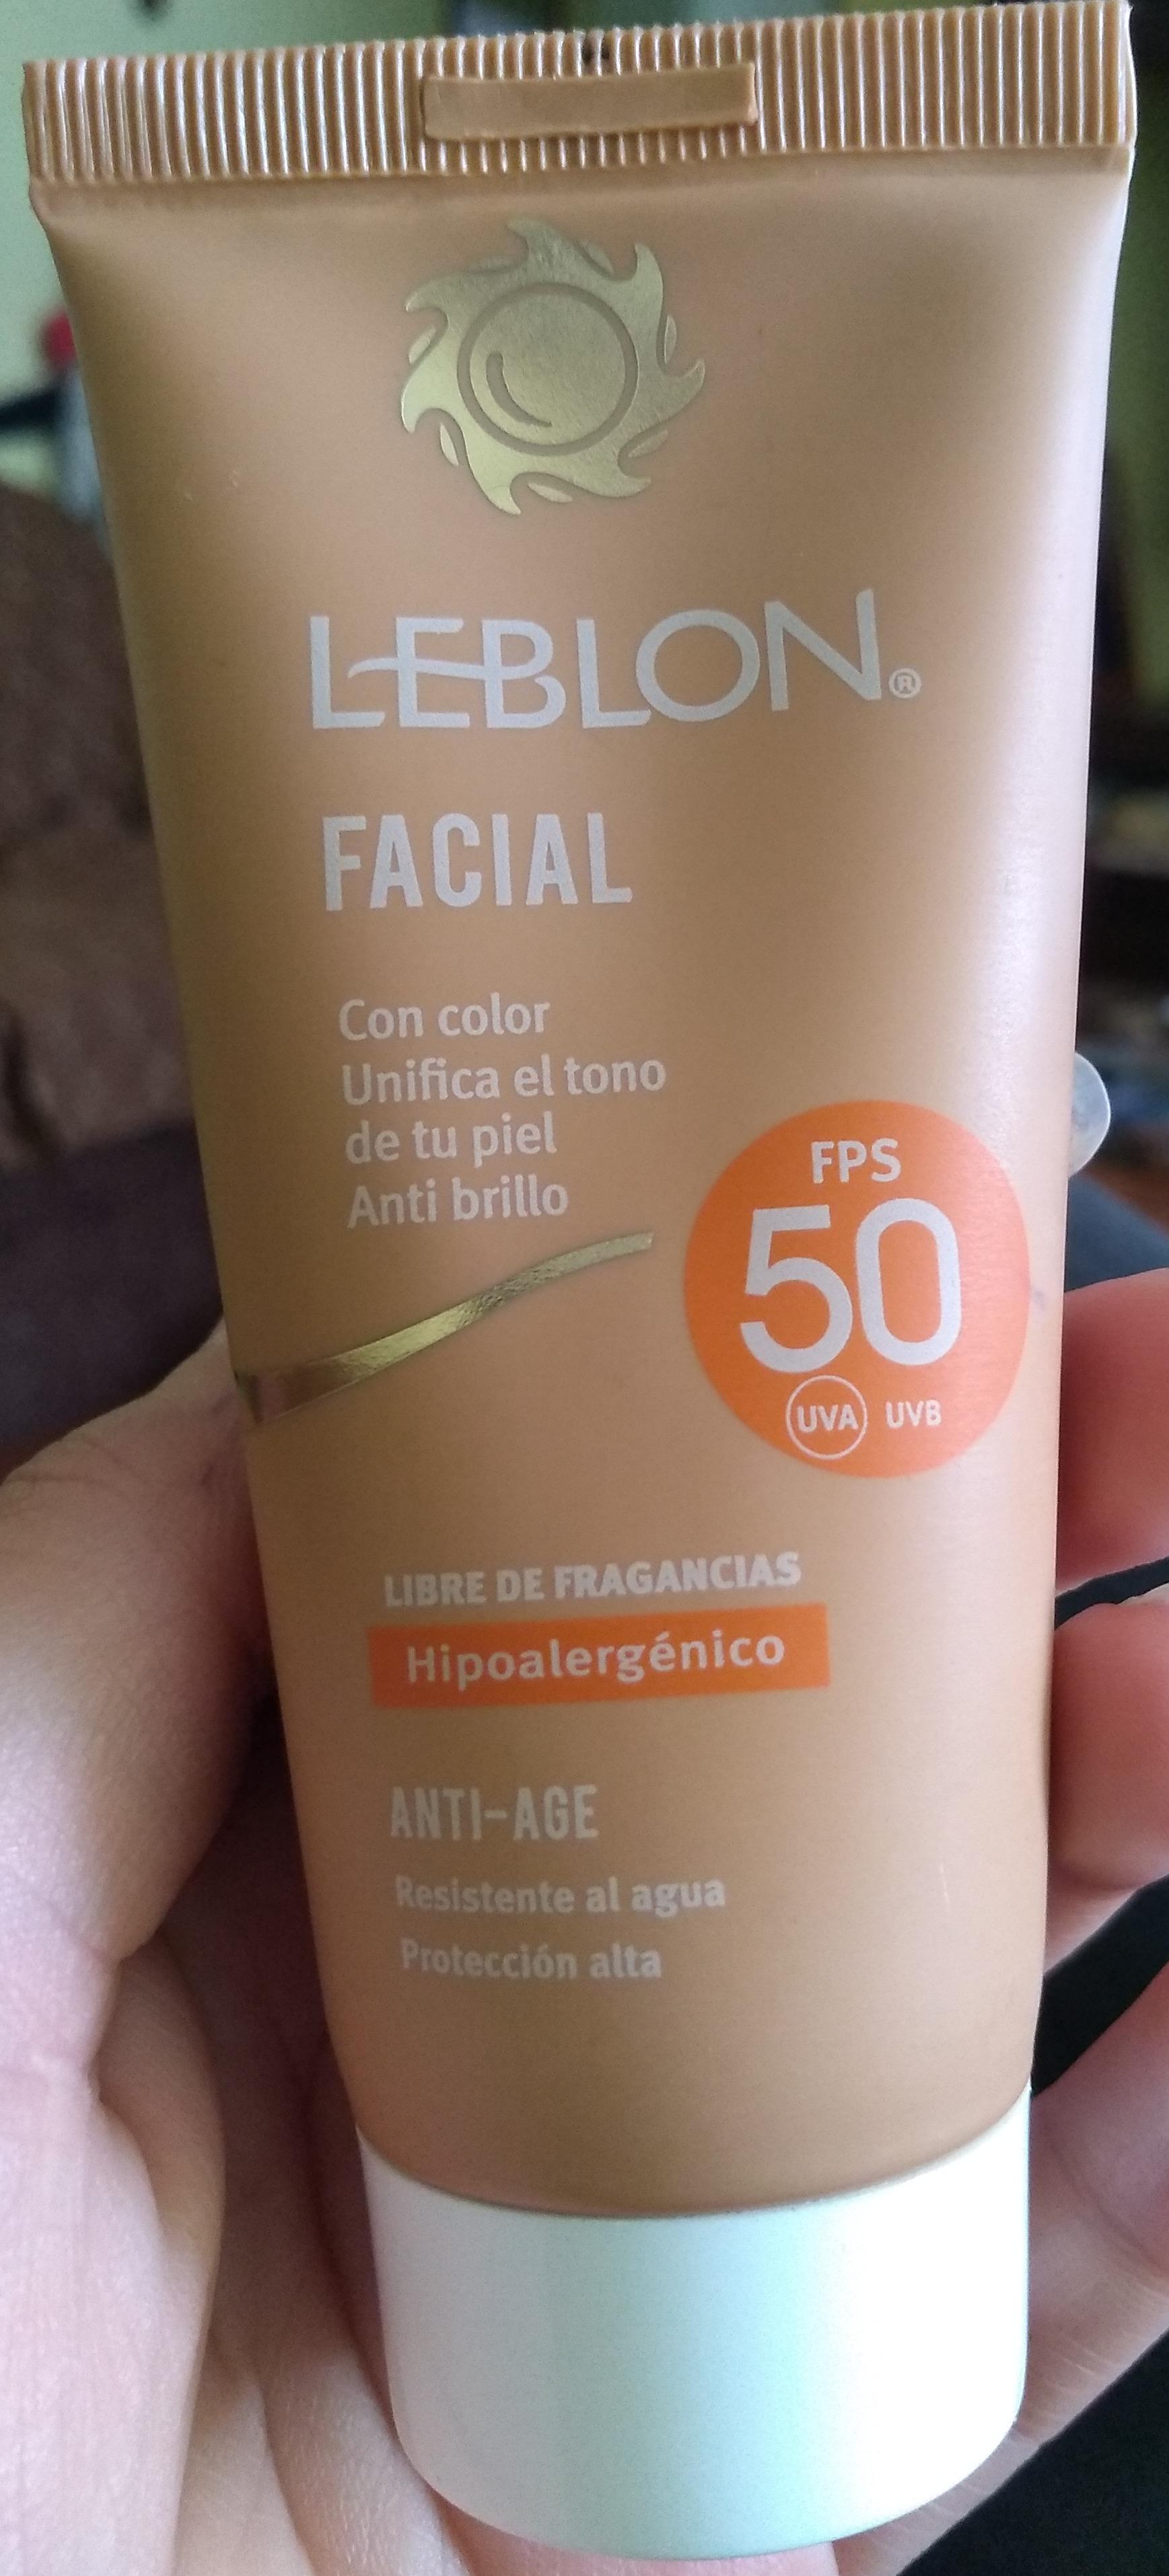 Leblon Facial SPF 50